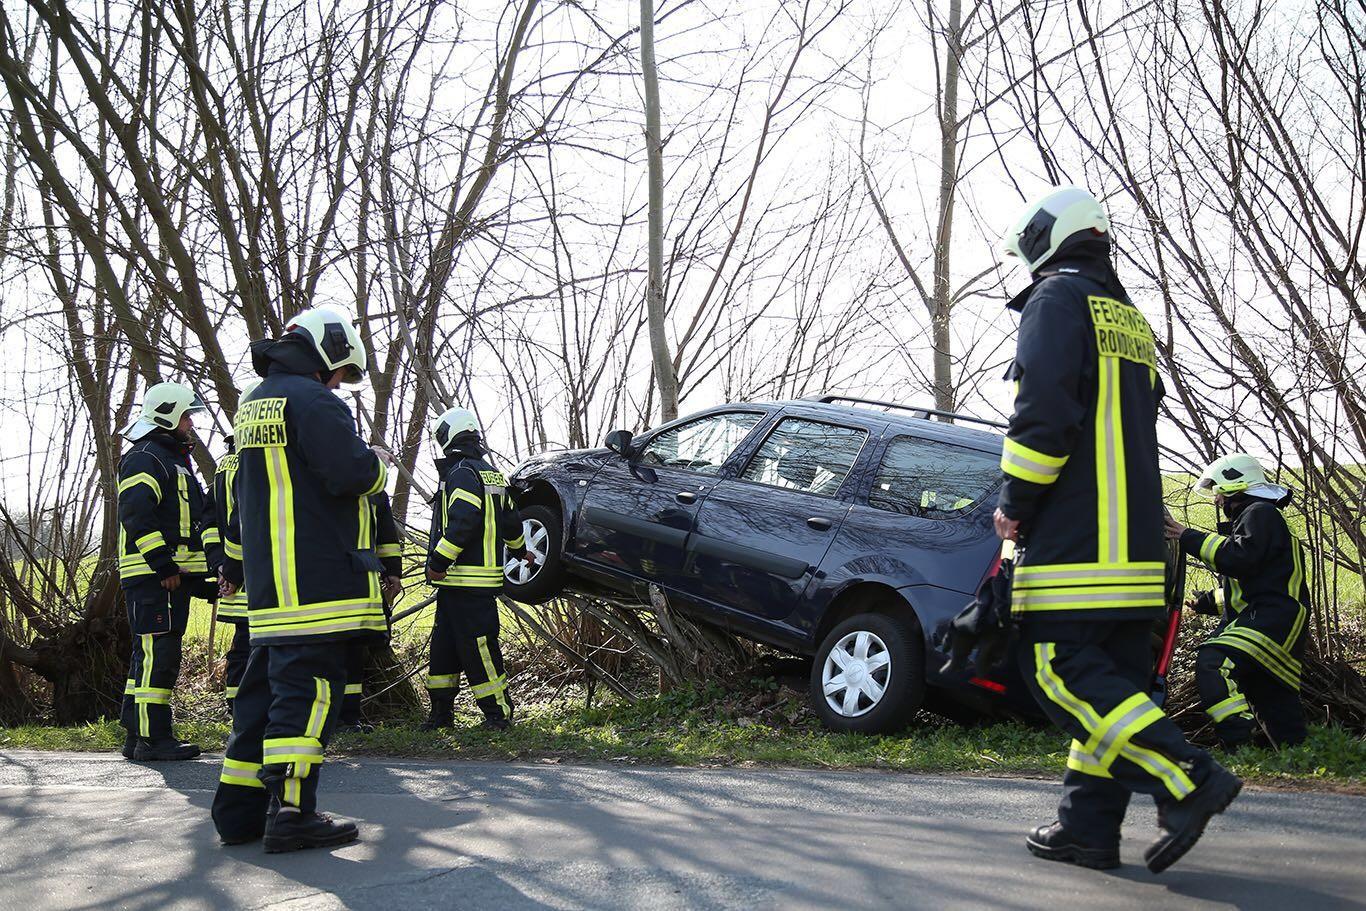 PKW-Unfall in Rondeshagen, 10.04.2016 - Foto: M. Orend